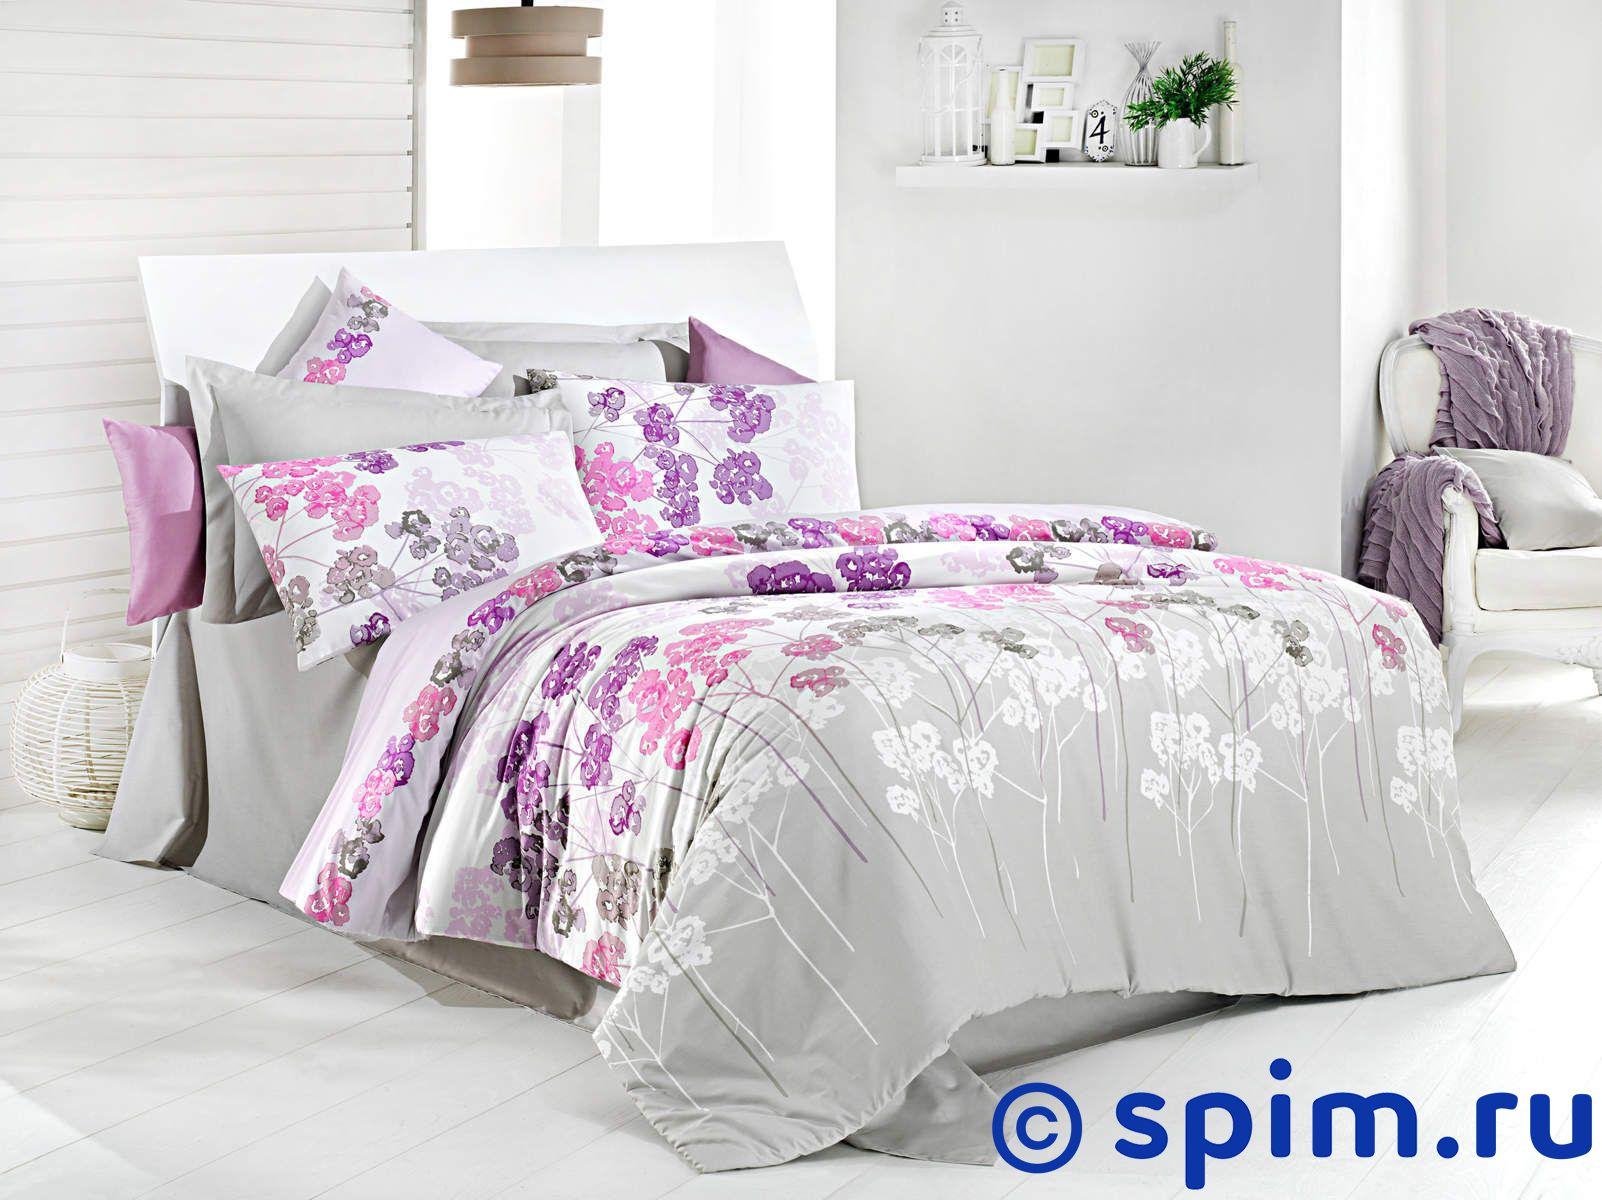 Постельное белье Issimo Elite 1.5 спальное